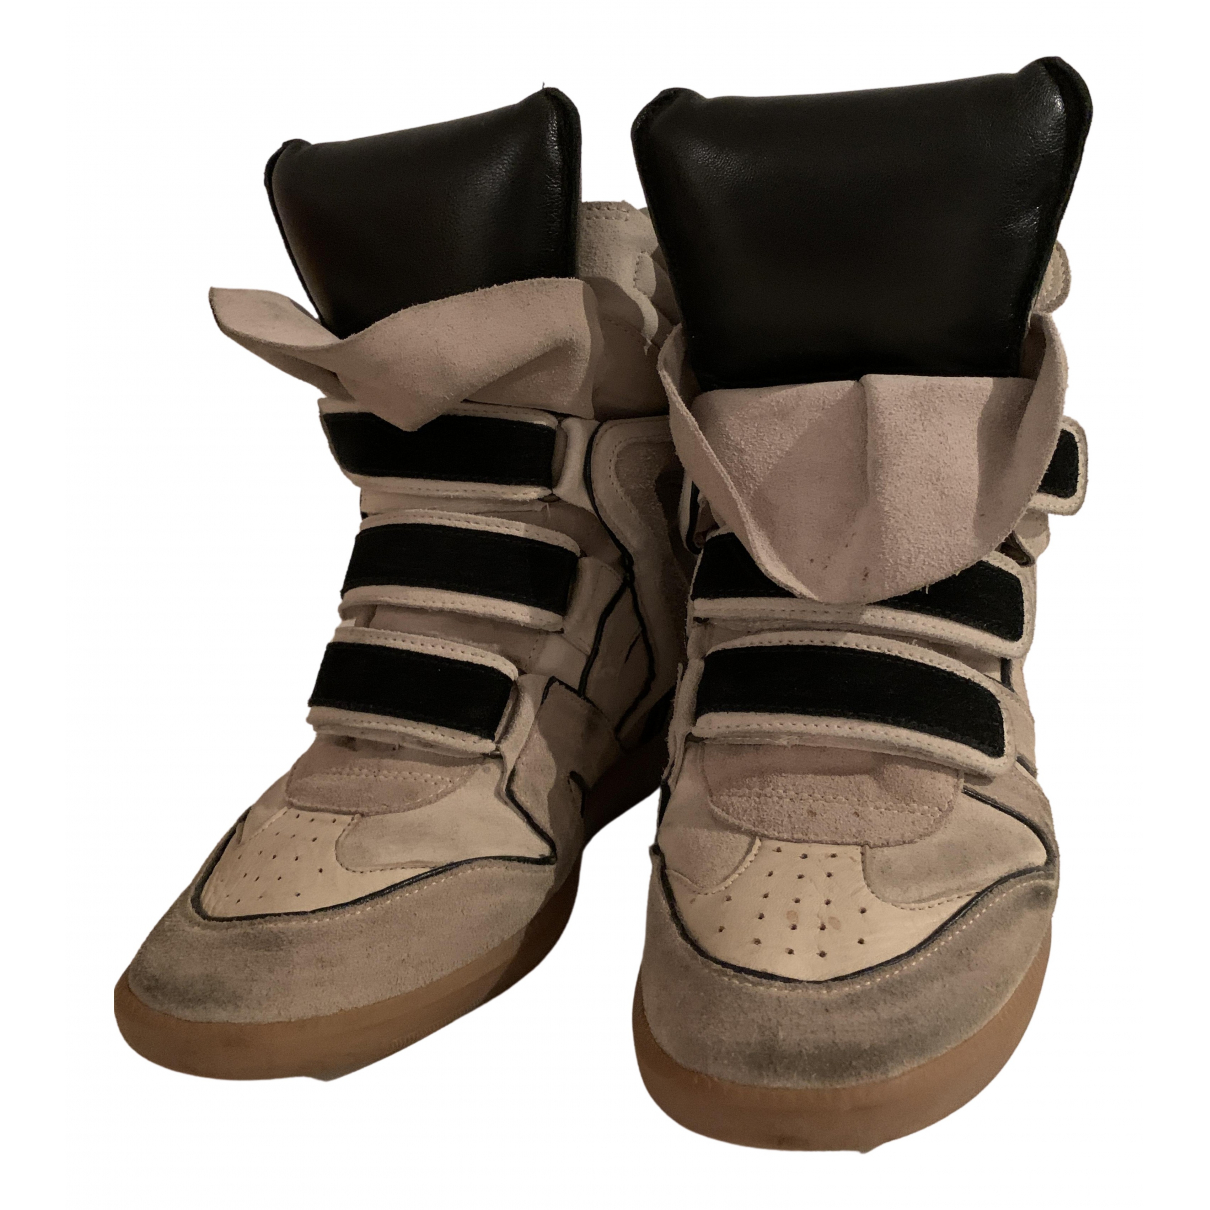 Isabel Marant - Baskets Beckett pour femme en suede - beige